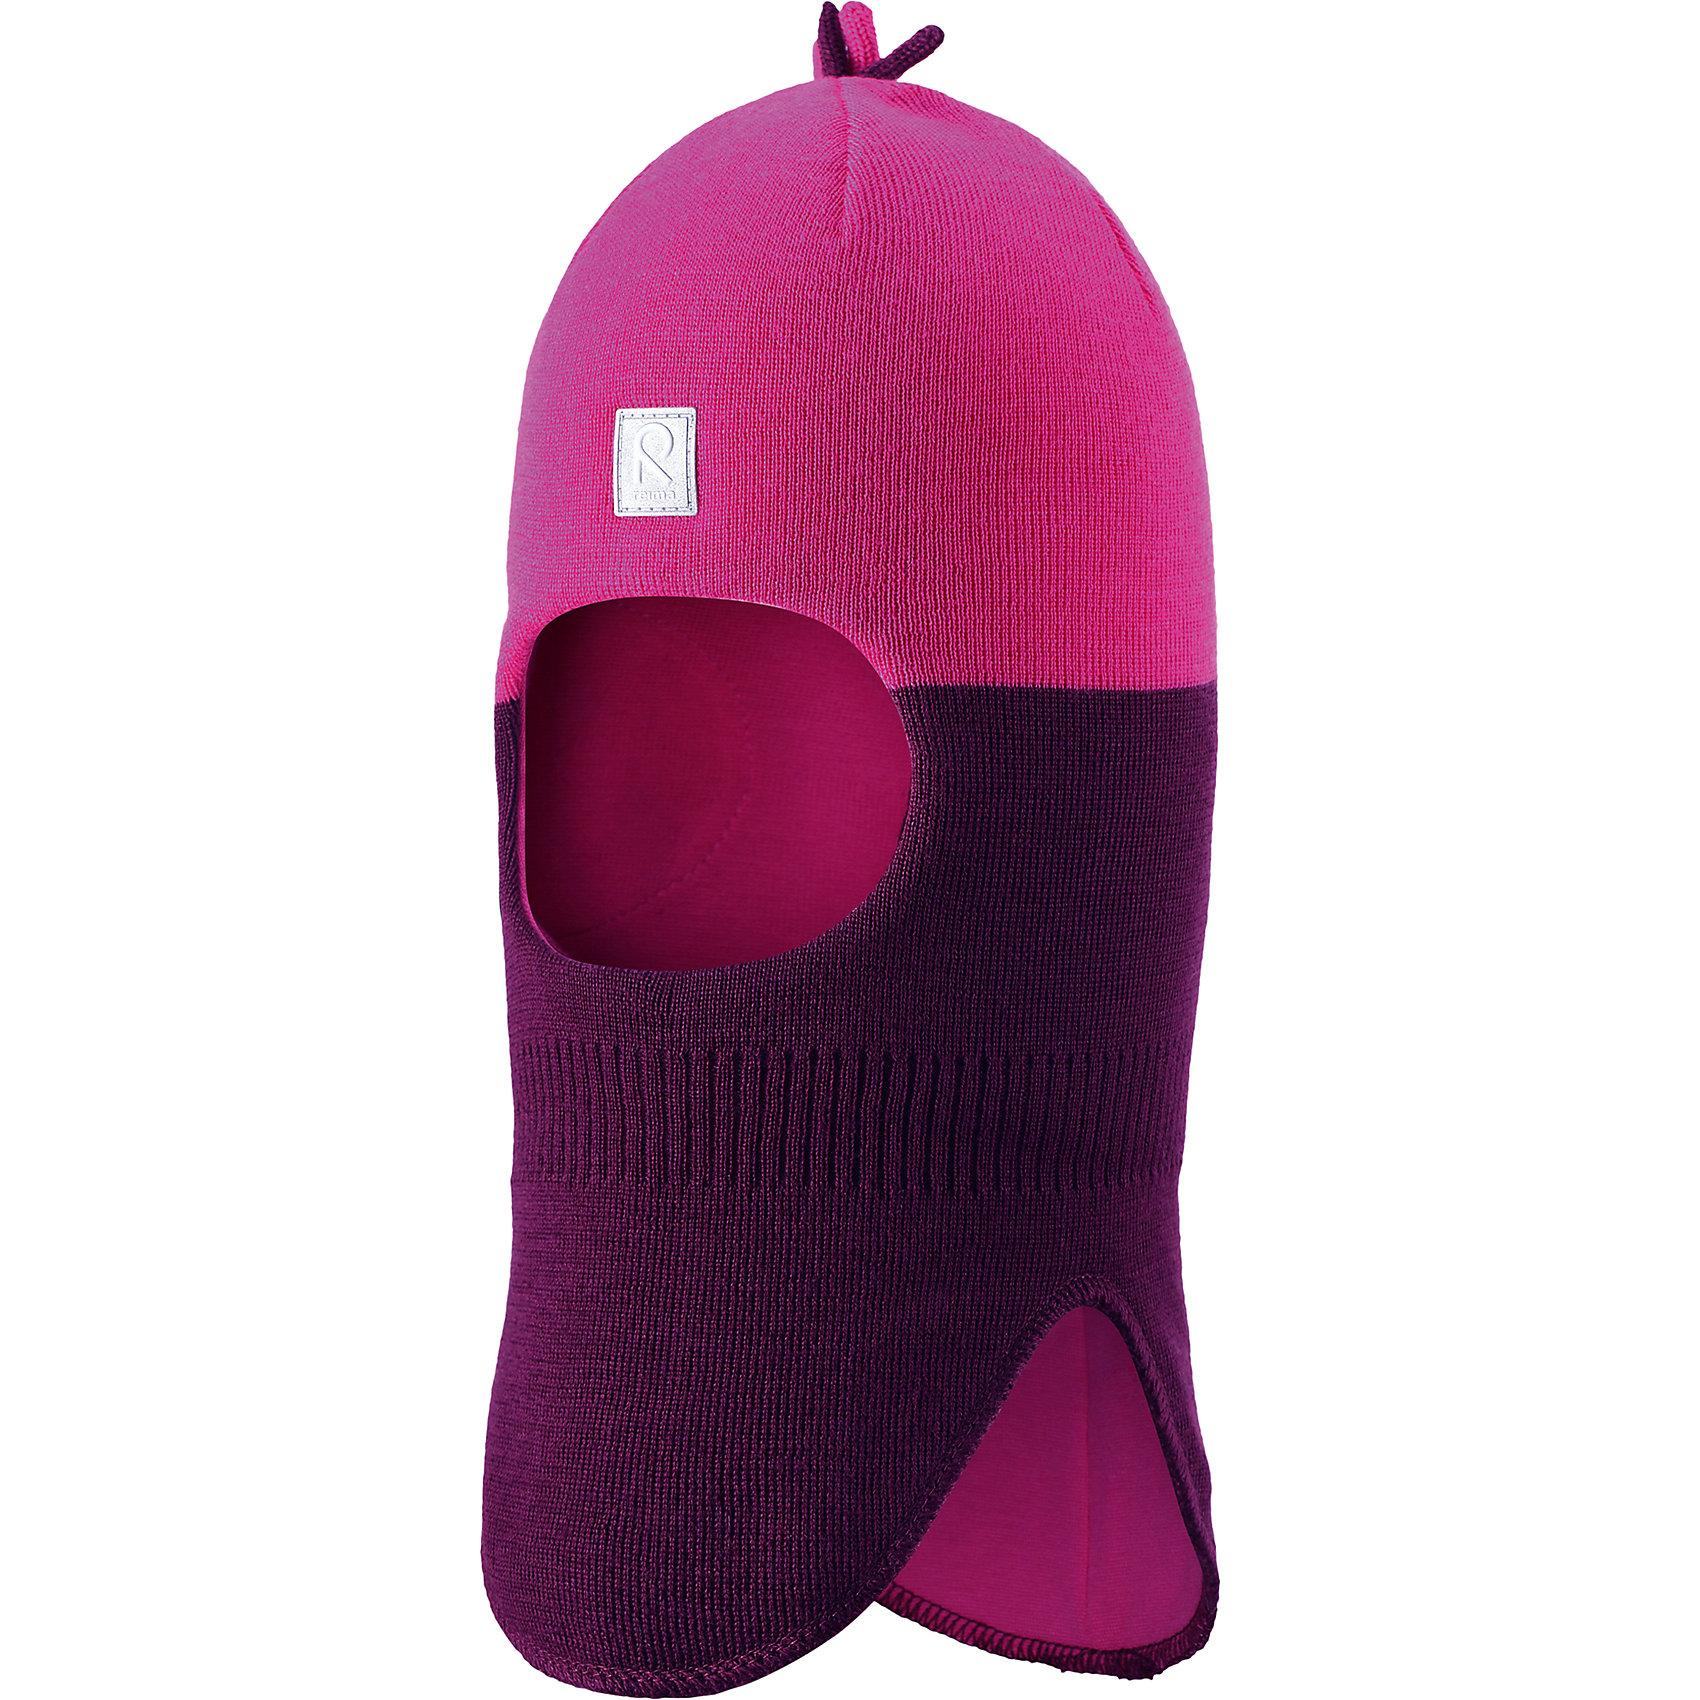 Шапка-шлем Myrsky для девочки ReimaШапки и шарфы<br>Шапка  Reima<br>Шапка-шлем для малышей. Мягкая ткань из смеси мериносовой шерсти для поддержания идеальной температуры тела. Ткань из смеси мериносовой шерсти сохраняет тепло даже при намокании. Ветронепроницаемые вставки в области ушей. Мягкая подкладка из хлопка и эластана. Логотип Reima® спереди. Веселый вязаный узор. Декоративные элементы сверху. Светоотражающий элемент спереди.<br>Утеплитель: Reima® Comfortinsulation,40 g<br>Уход:<br>Стирать по отдельности, вывернув наизнанку. Придать первоначальную форму вo влажном виде. Возможна усадка 5 %.<br>Состав:<br>50% Шерсть, 50% полиакрил<br><br>Ширина мм: 89<br>Глубина мм: 117<br>Высота мм: 44<br>Вес г: 155<br>Цвет: фиолетовый<br>Возраст от месяцев: 9<br>Возраст до месяцев: 18<br>Пол: Женский<br>Возраст: Детский<br>Размер: 48,46,52,50<br>SKU: 4777197